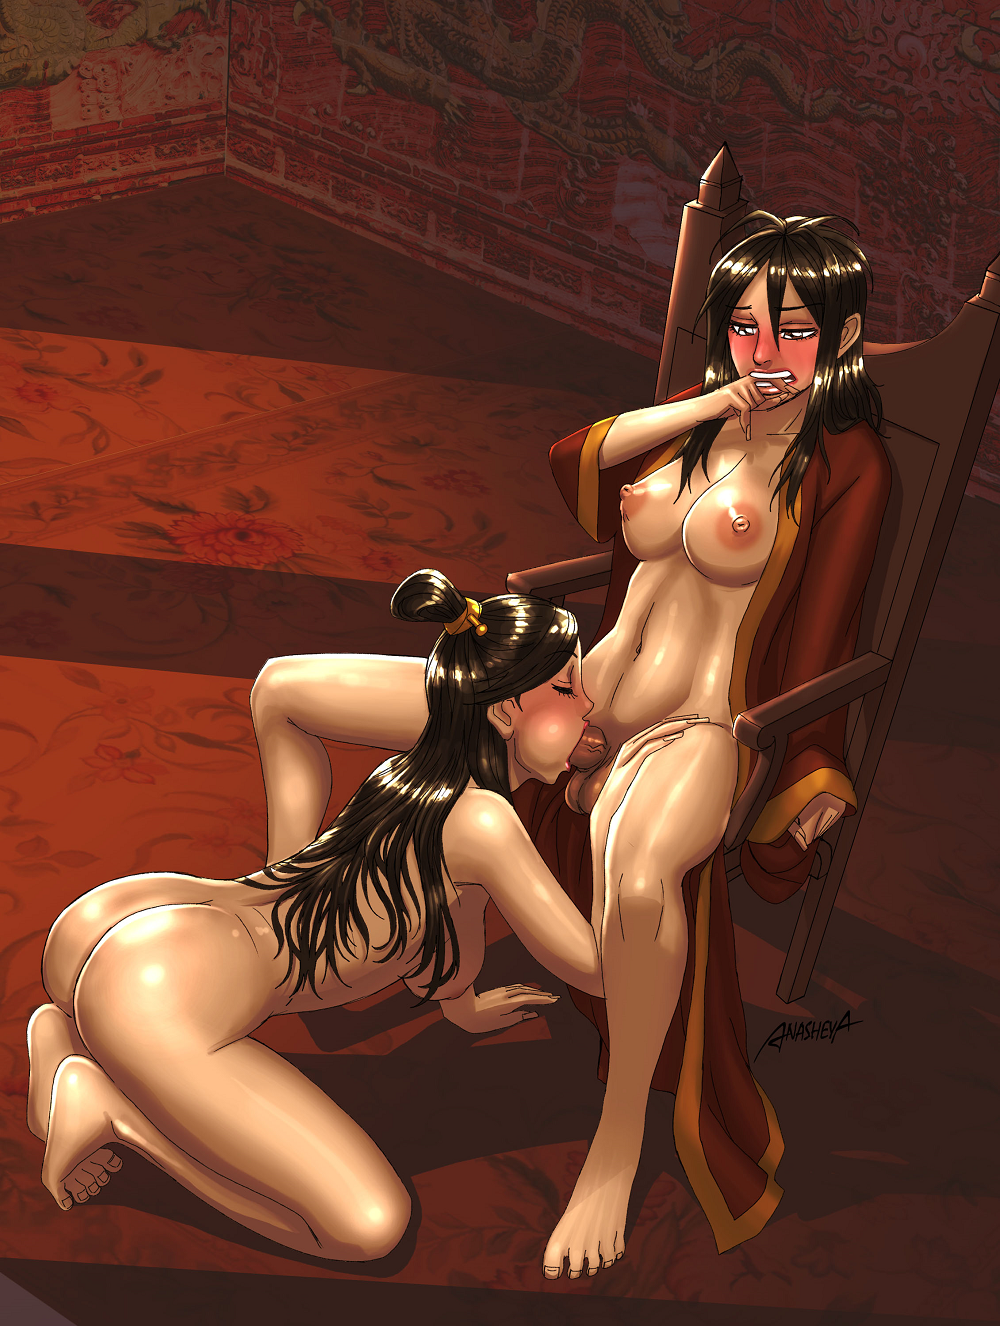 avatar futa the last airbender Dungeon fighter online female slayer